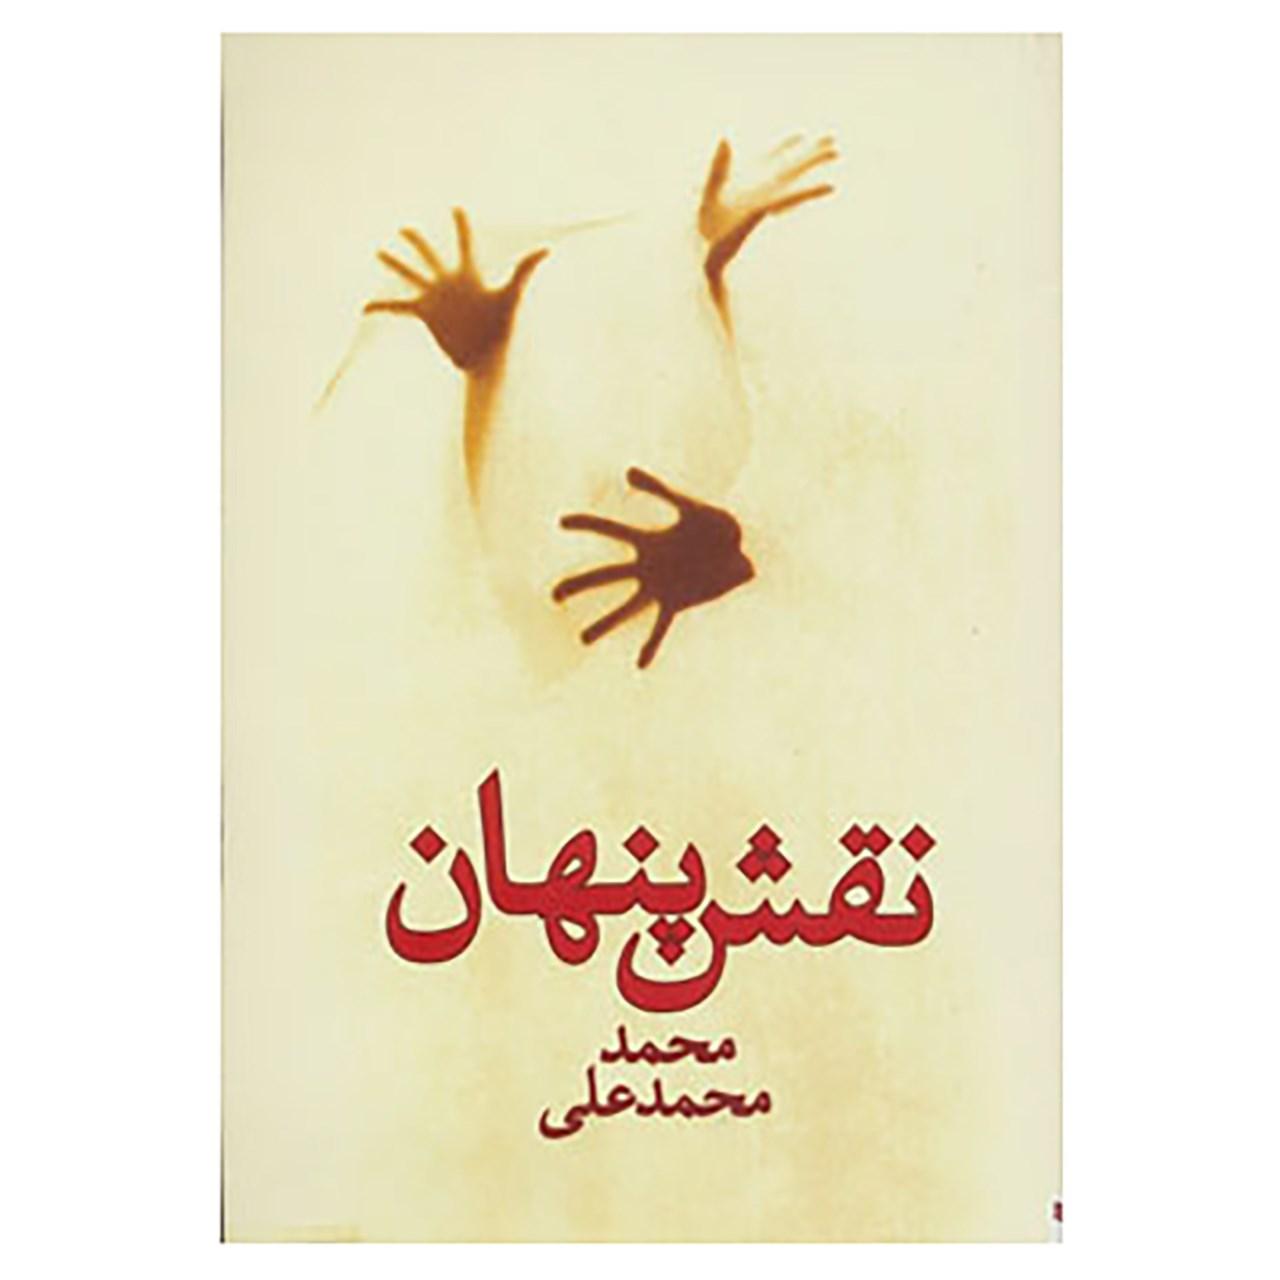 کتاب نقش پنهان اثر محمد محمدعلی